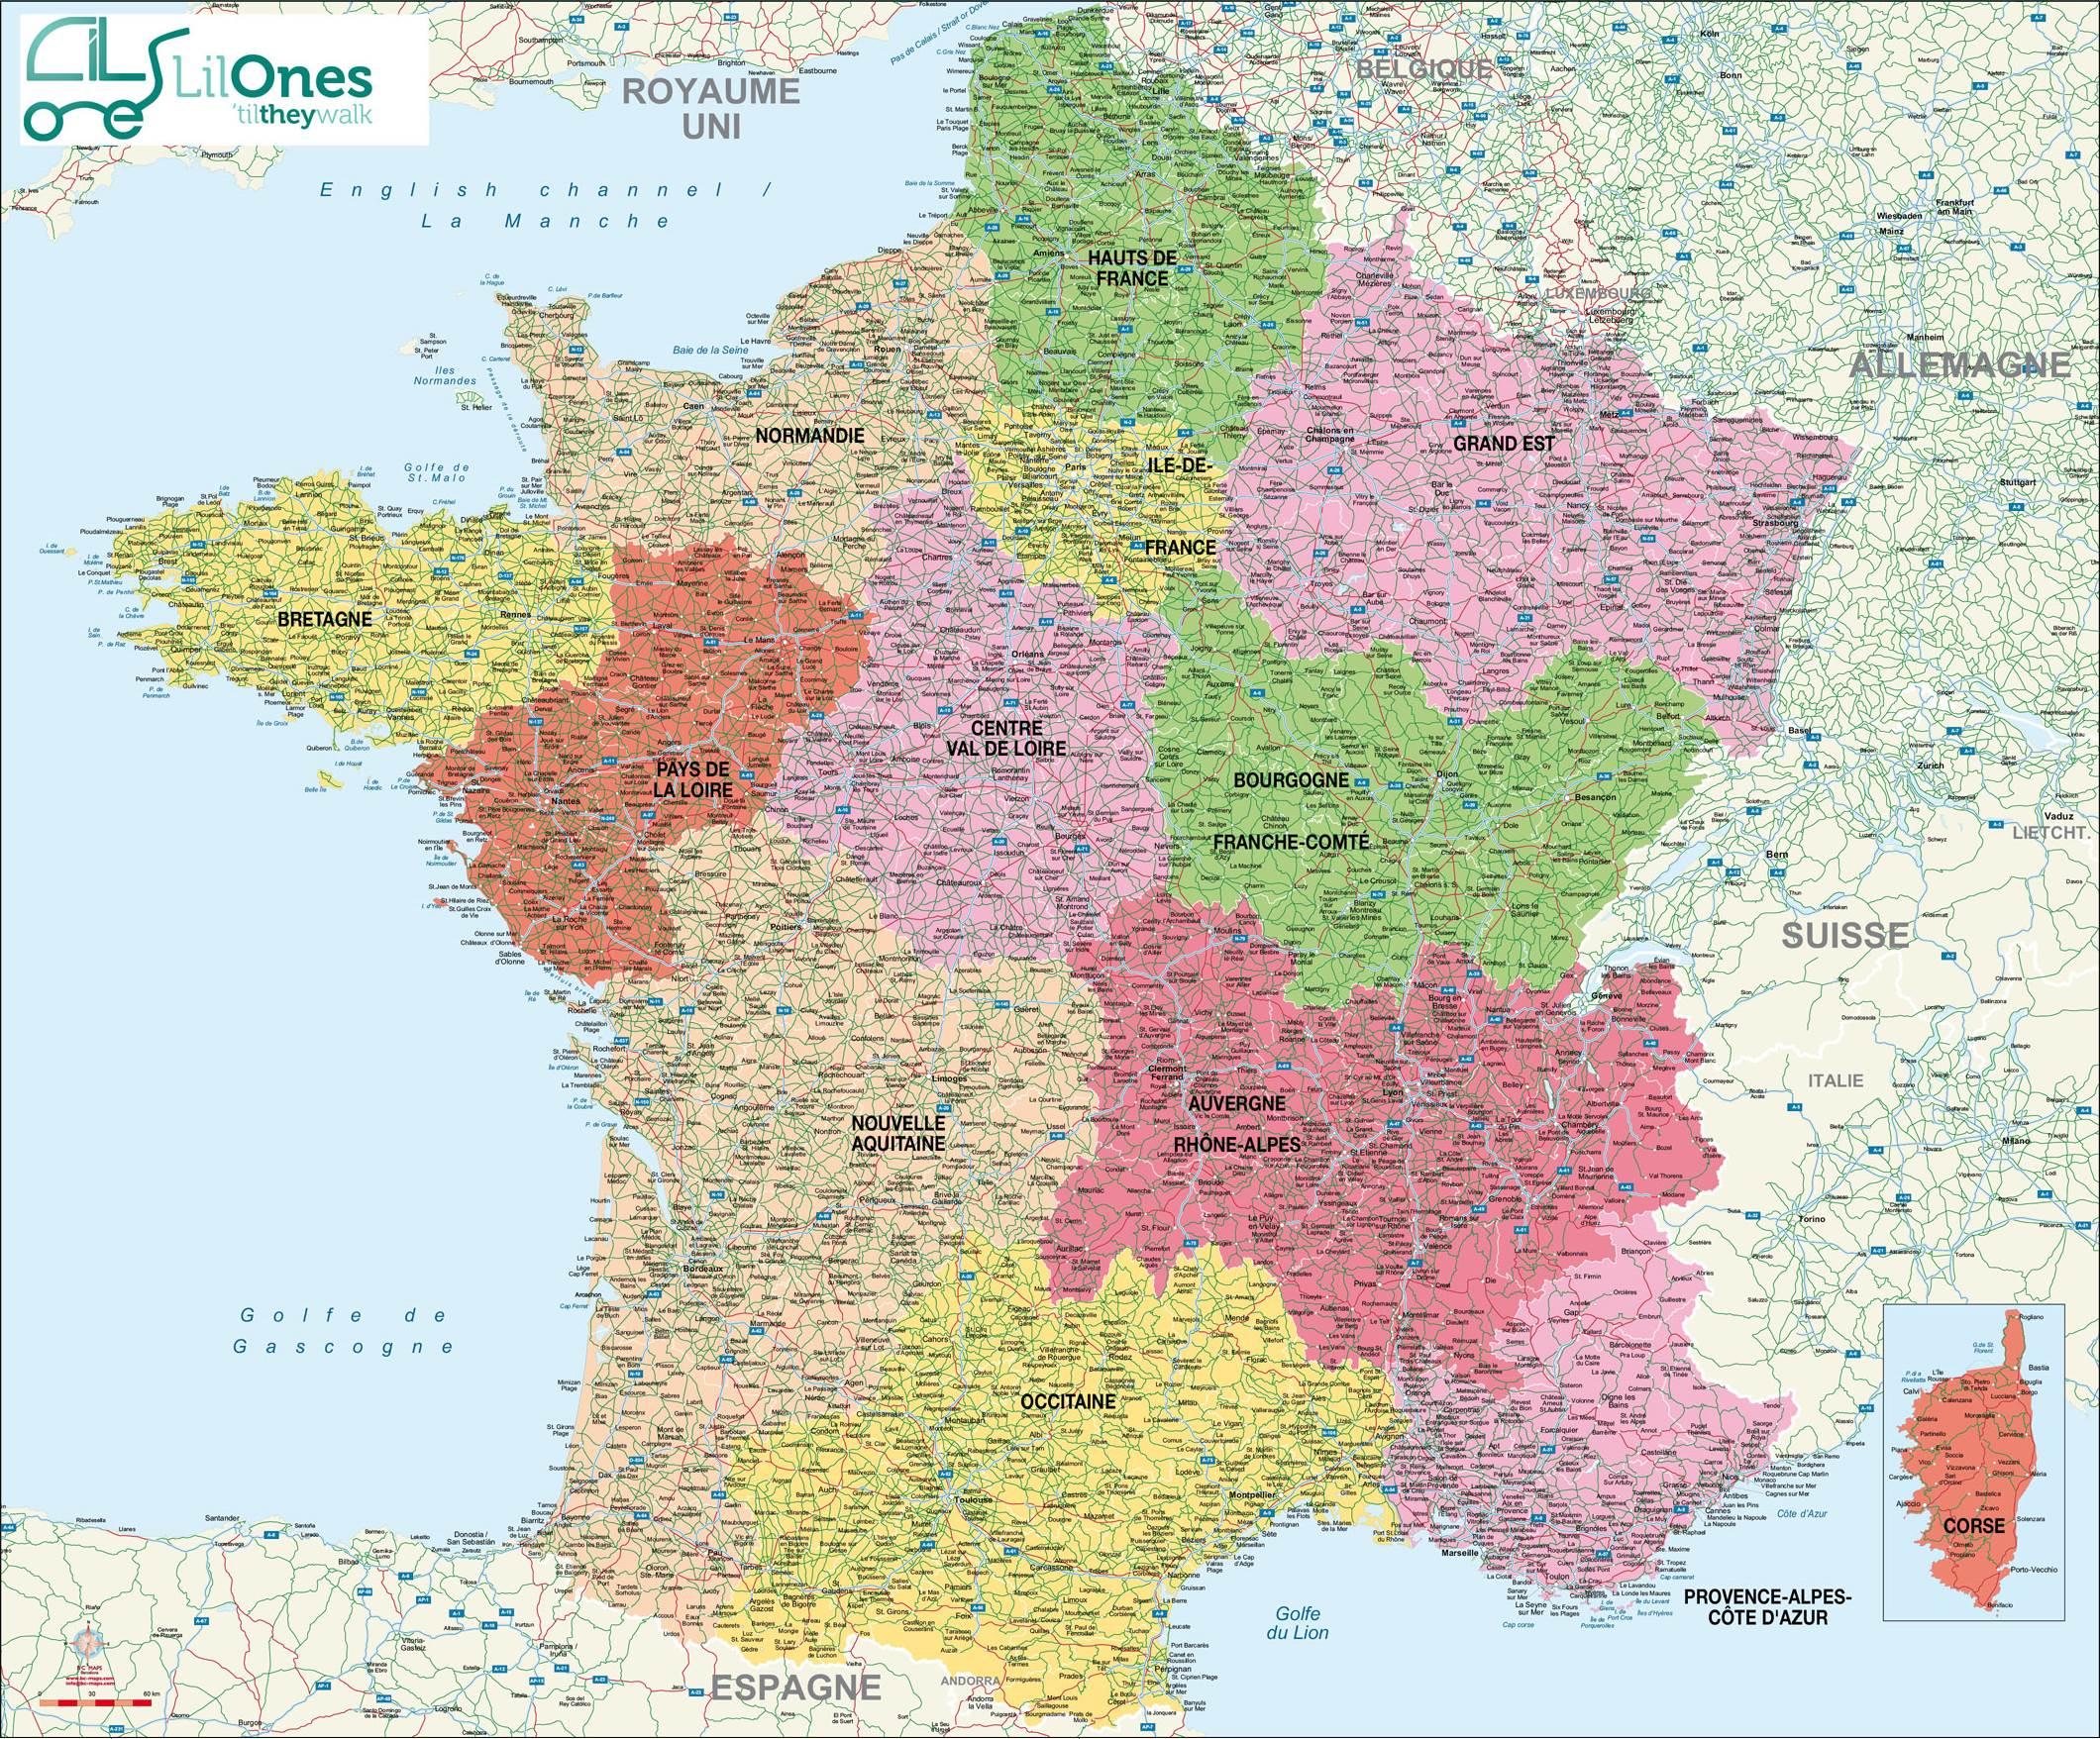 Carte France Villes : Carte Des Villes De France concernant Carte De La France Avec Les Grandes Villes